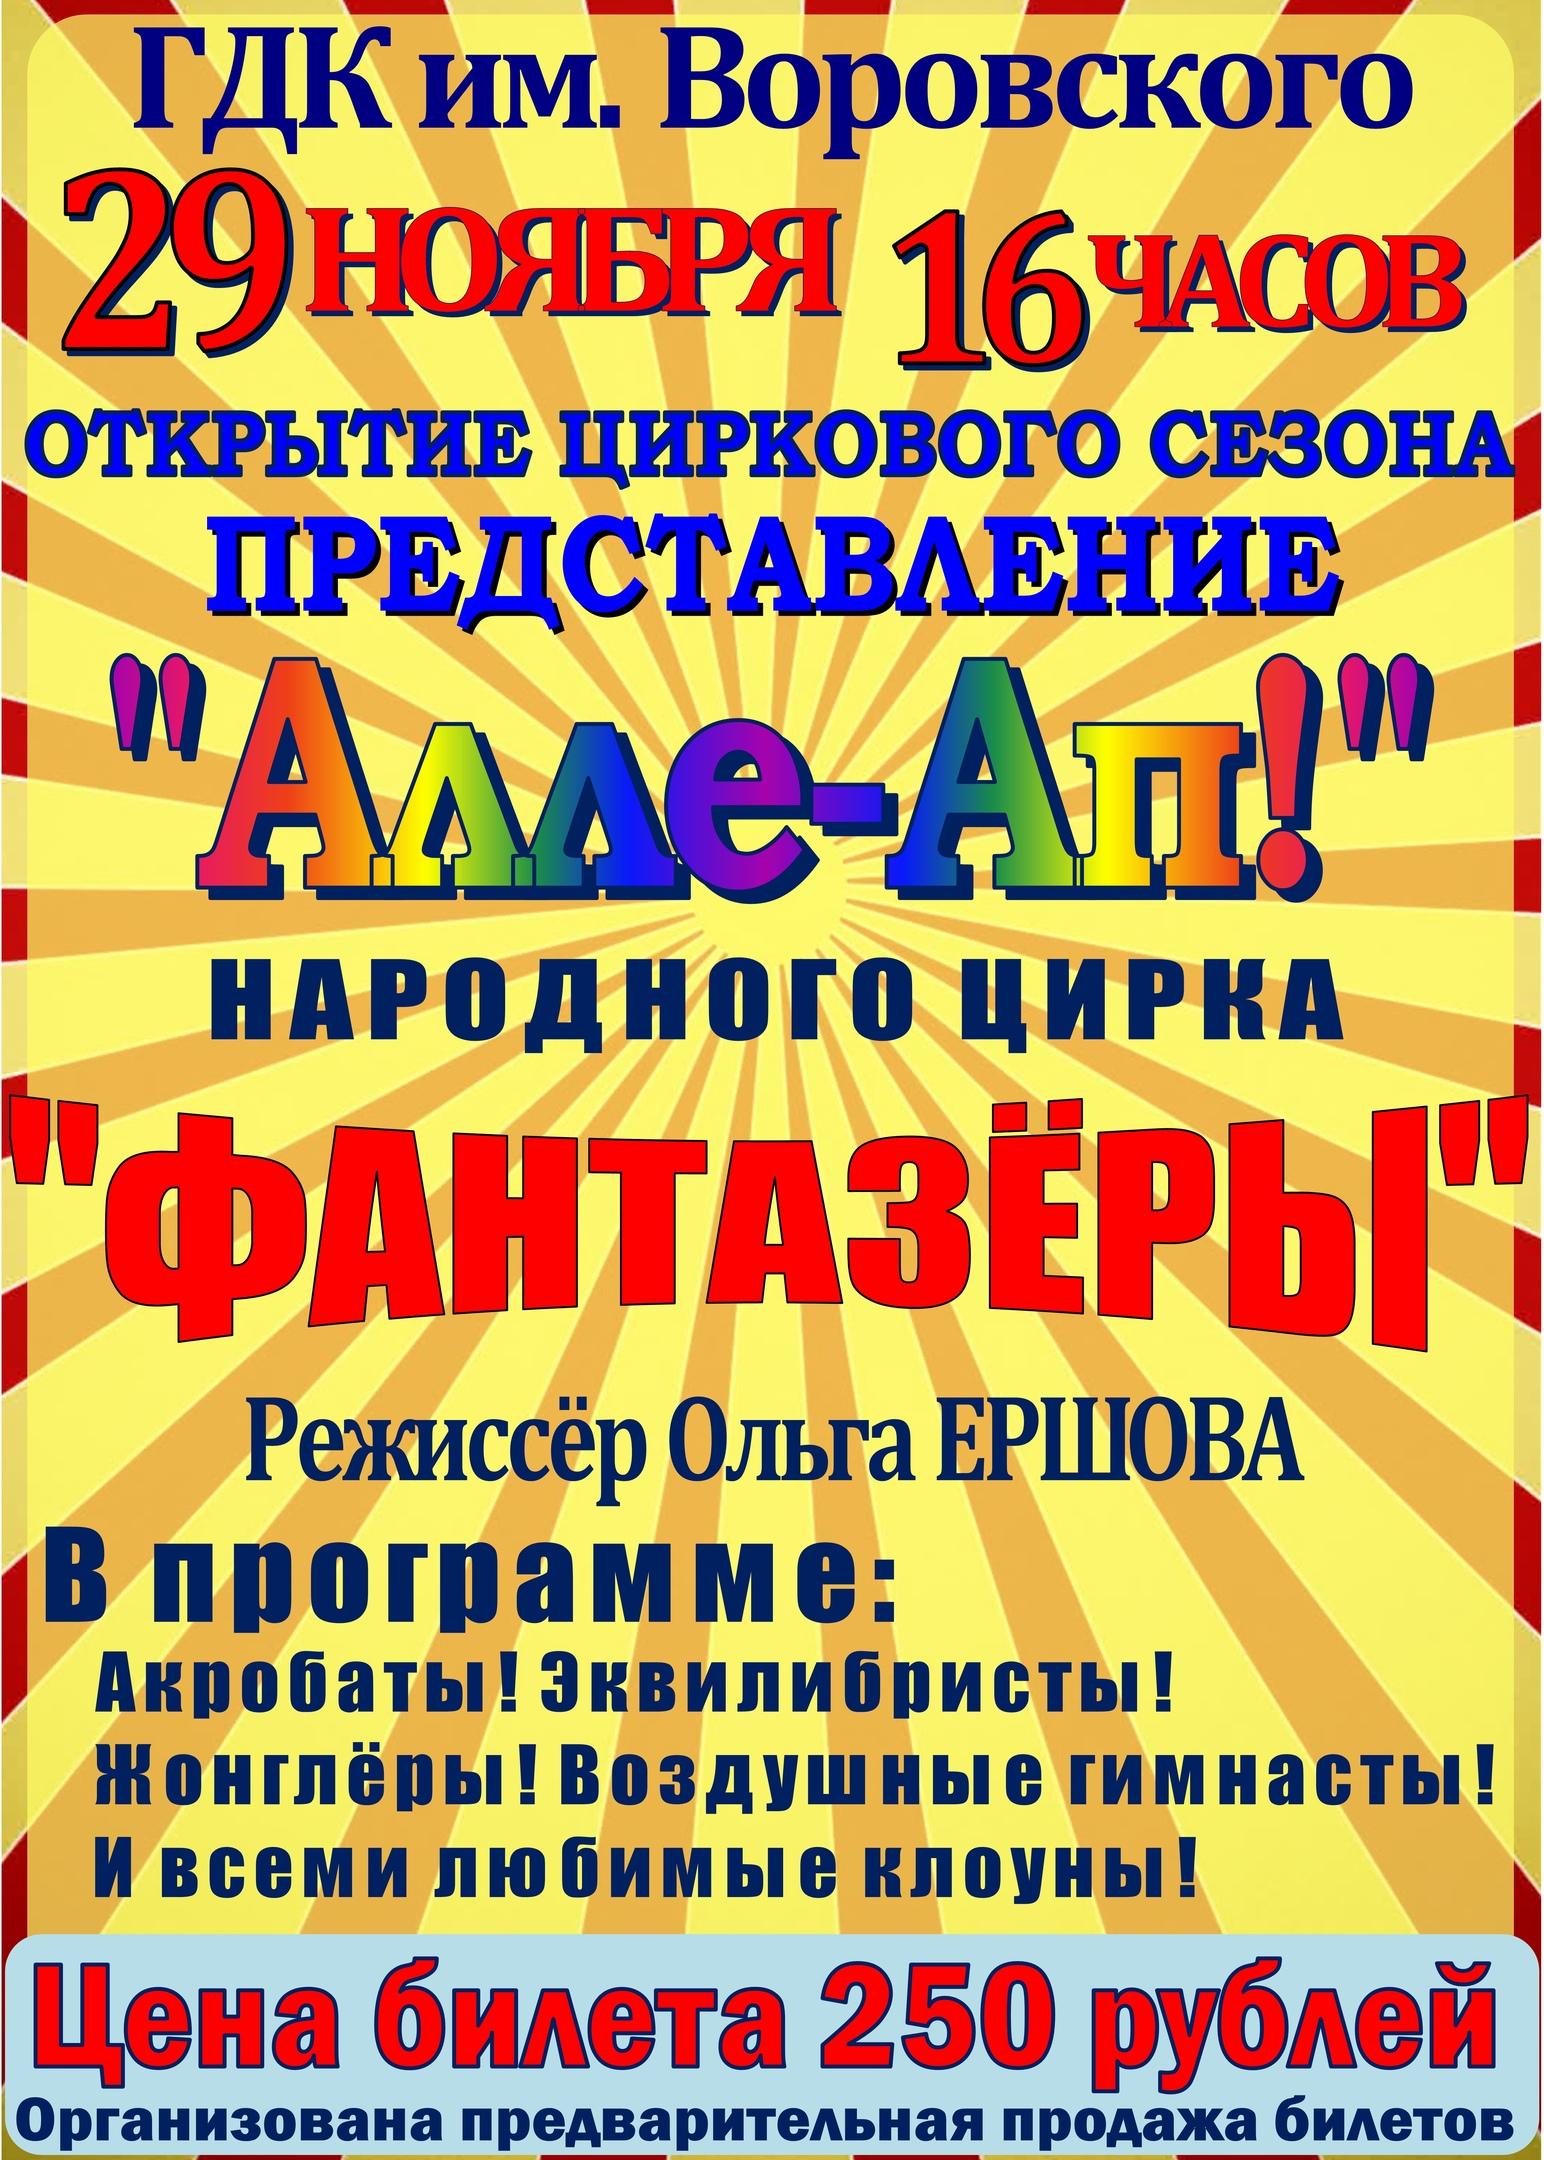 открытие творческого сезона «Алле-Ап» (Концерт)